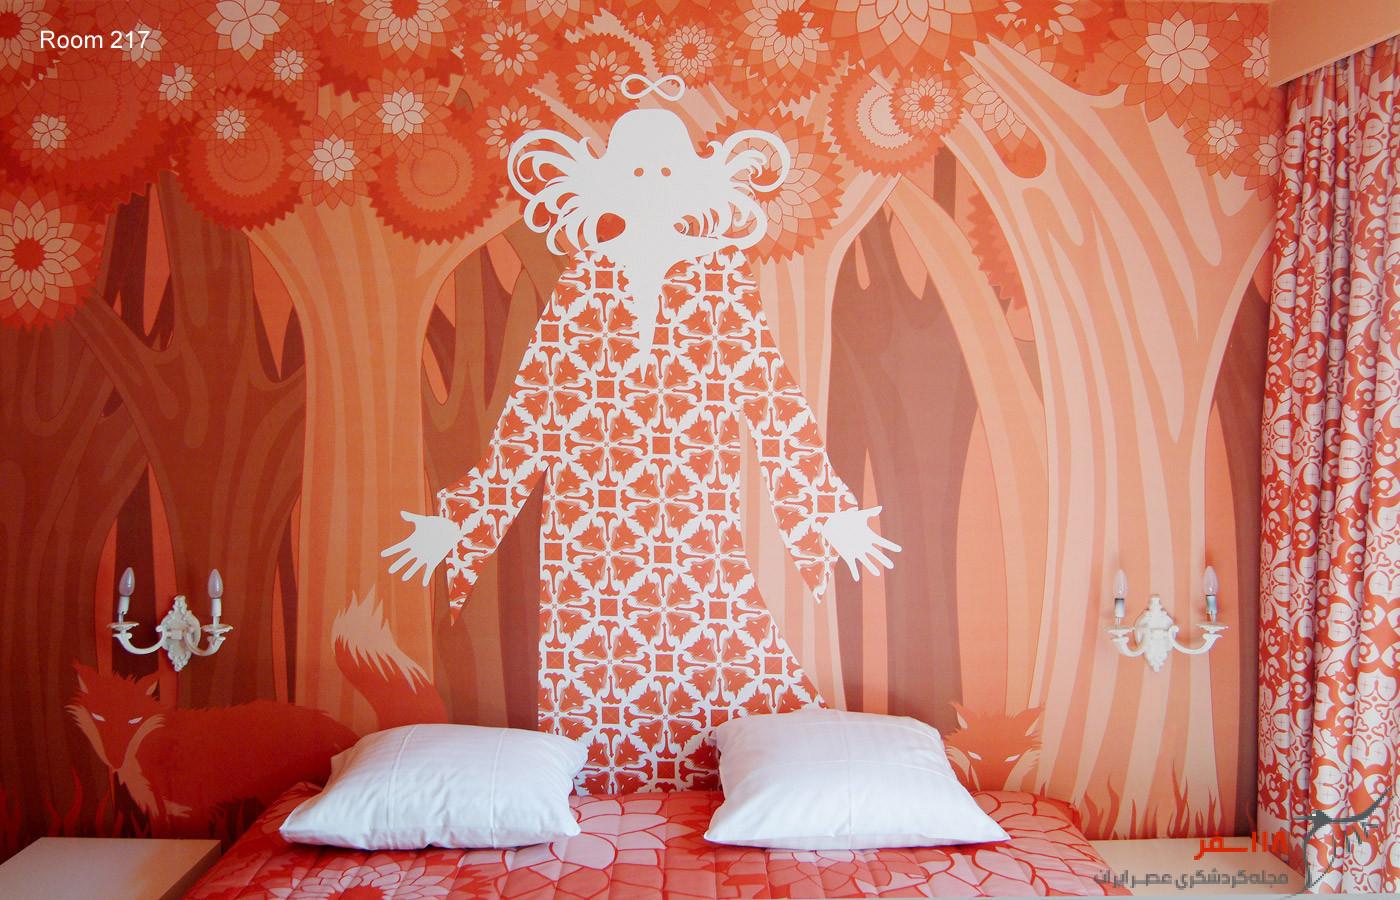 61 اتاق، 61 اثر هنری